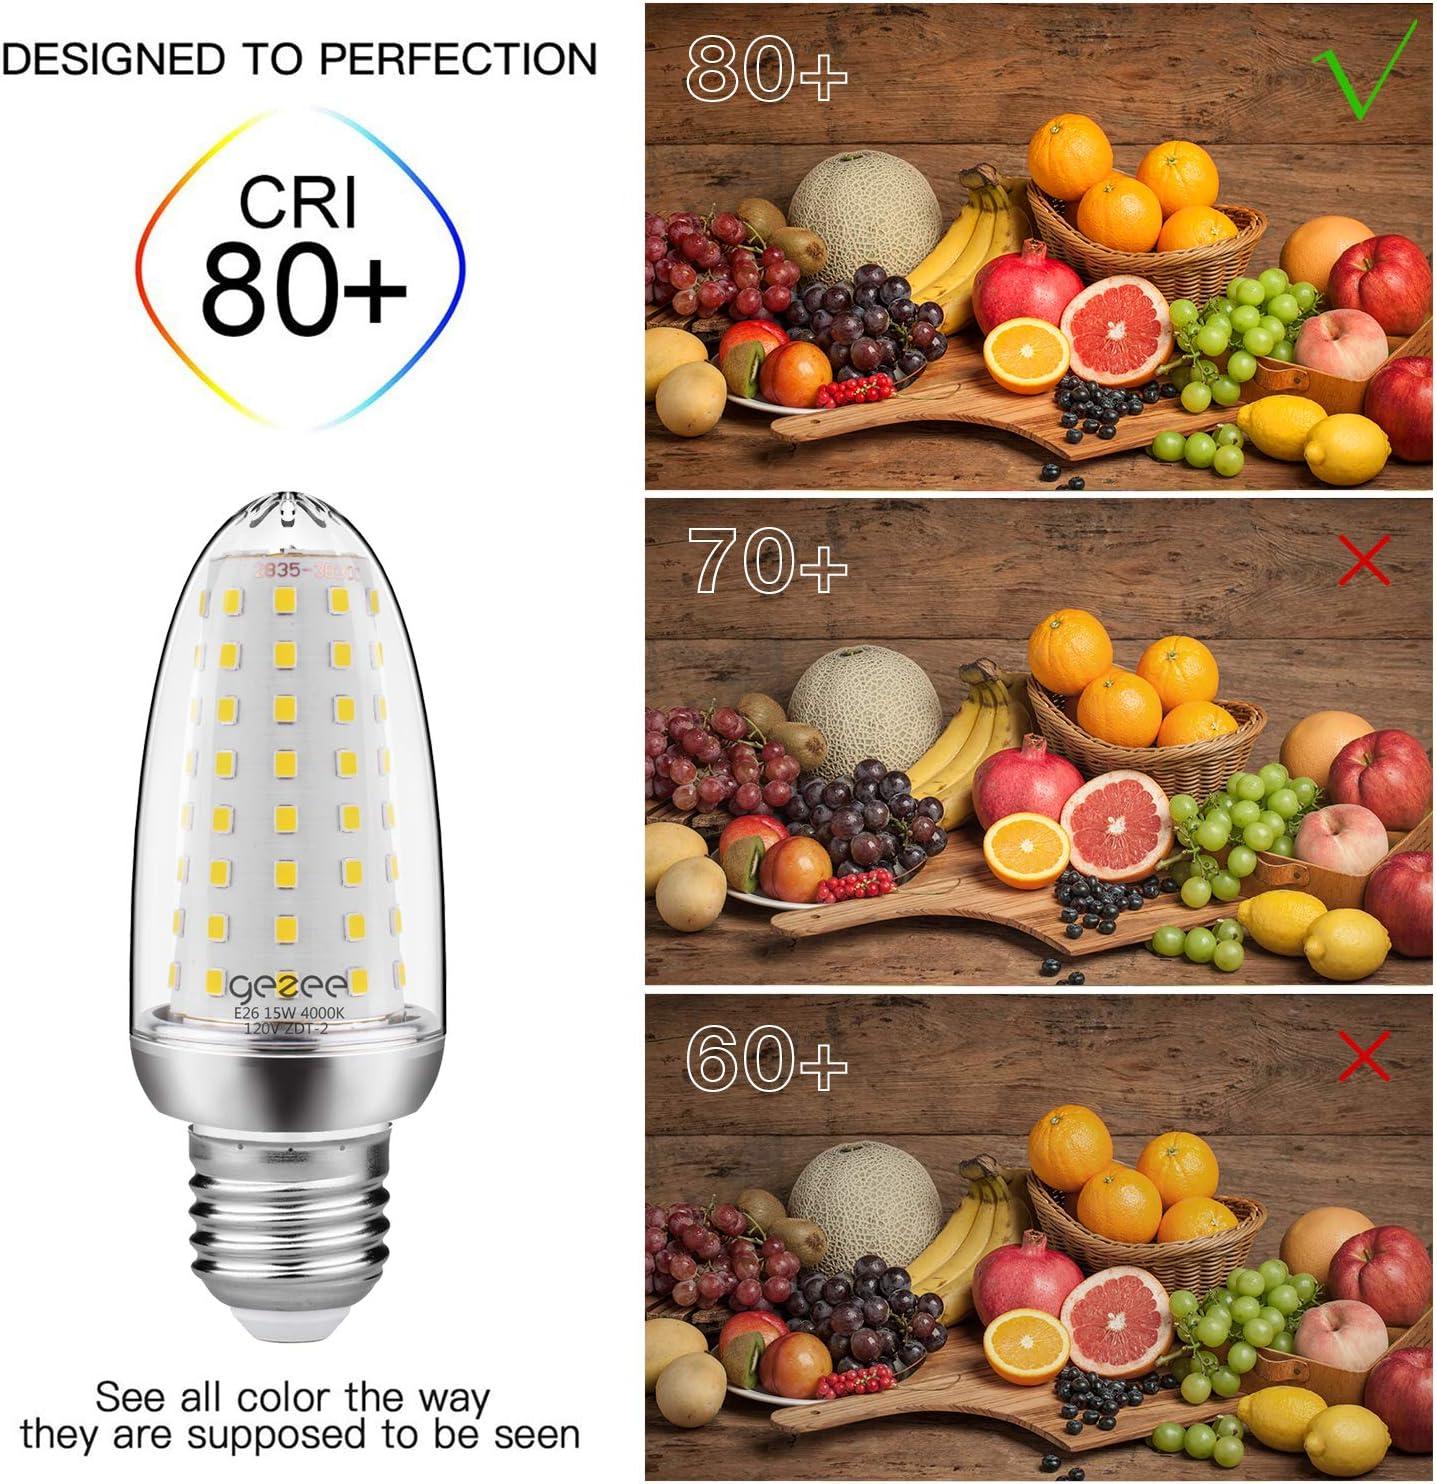 120 Watt Equivalent,E26 LED Lamp 15000 Lumens 4000K Neutral-White,Non-Dimmable,for Ceiling Fan,Flicker Free Pack of 4 GEZEE 15W LED Corn Light Bulb